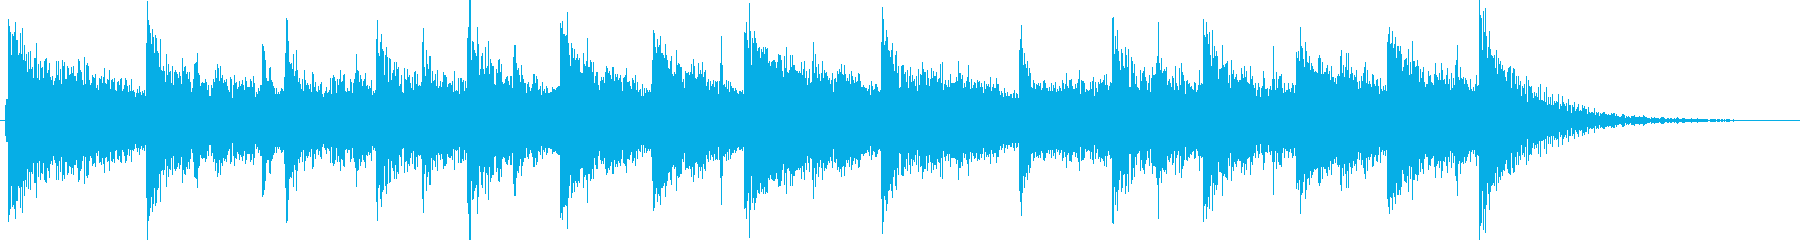 エスニックでエレクトリックなジングルの再生済みの波形